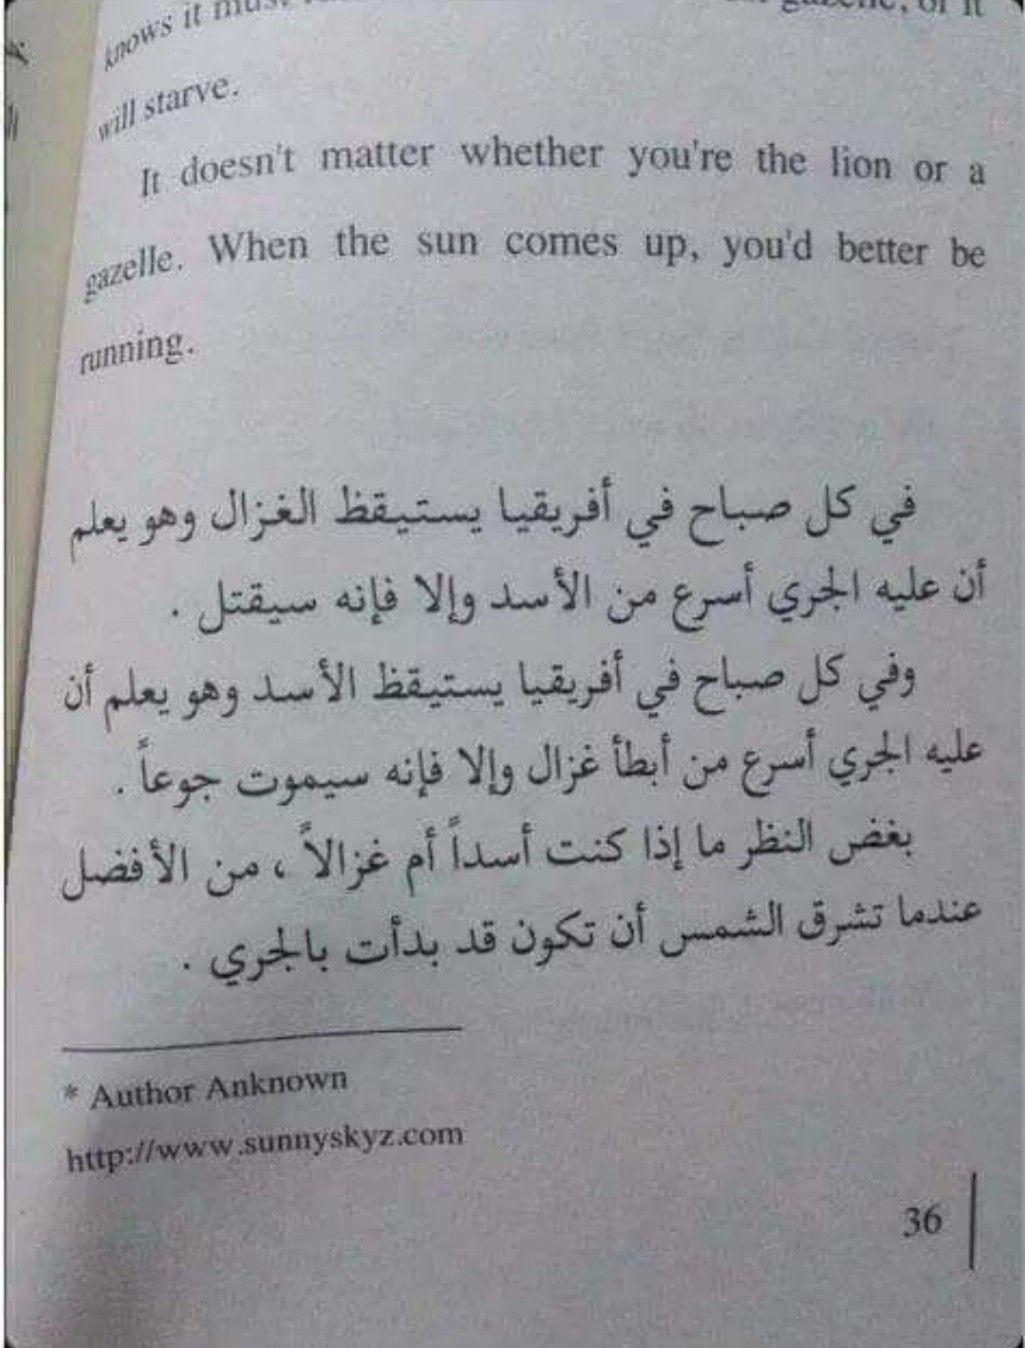 بغض النظر اذا كنت اسدا ام غزالا من الافضل عندما تشرق الشمس ان تكون قد بدأت بالجري Words Quotes Book Quotes Quotes